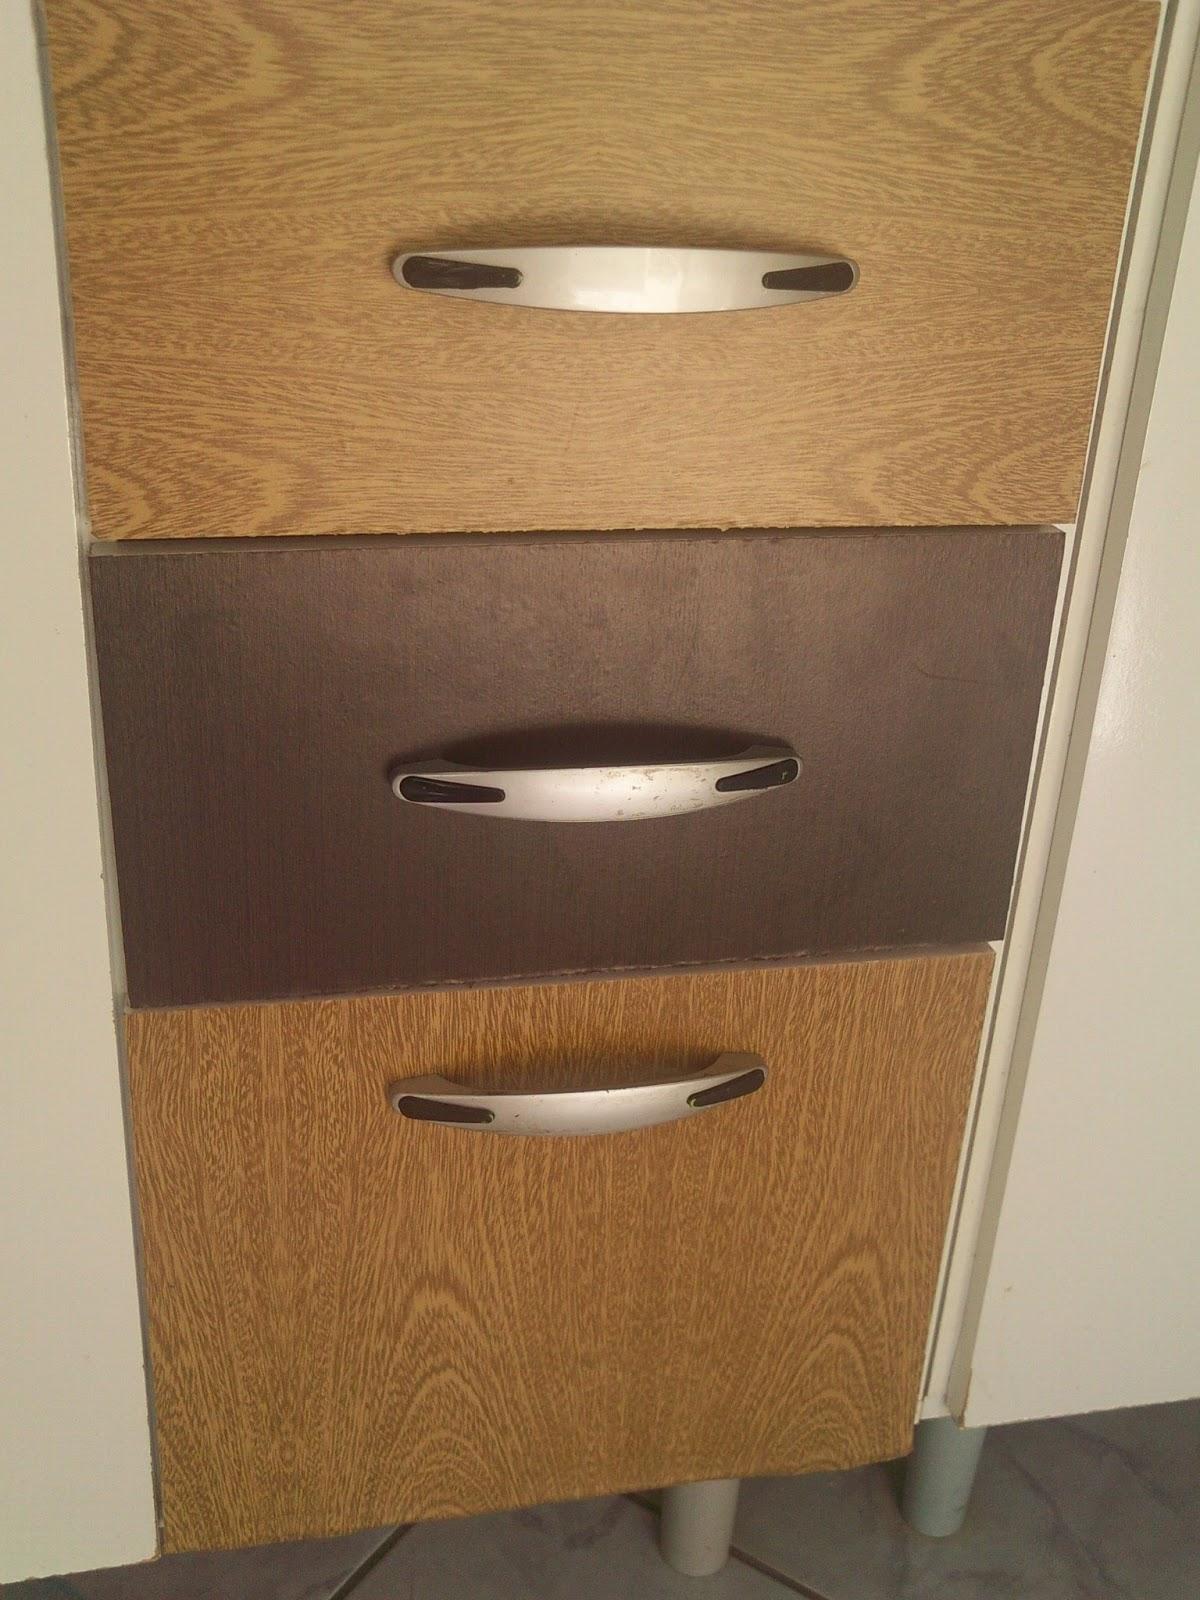 eu fiz de duas cores um Contact madeira marrom claro e outro madeira  #8D673E 1200x1600